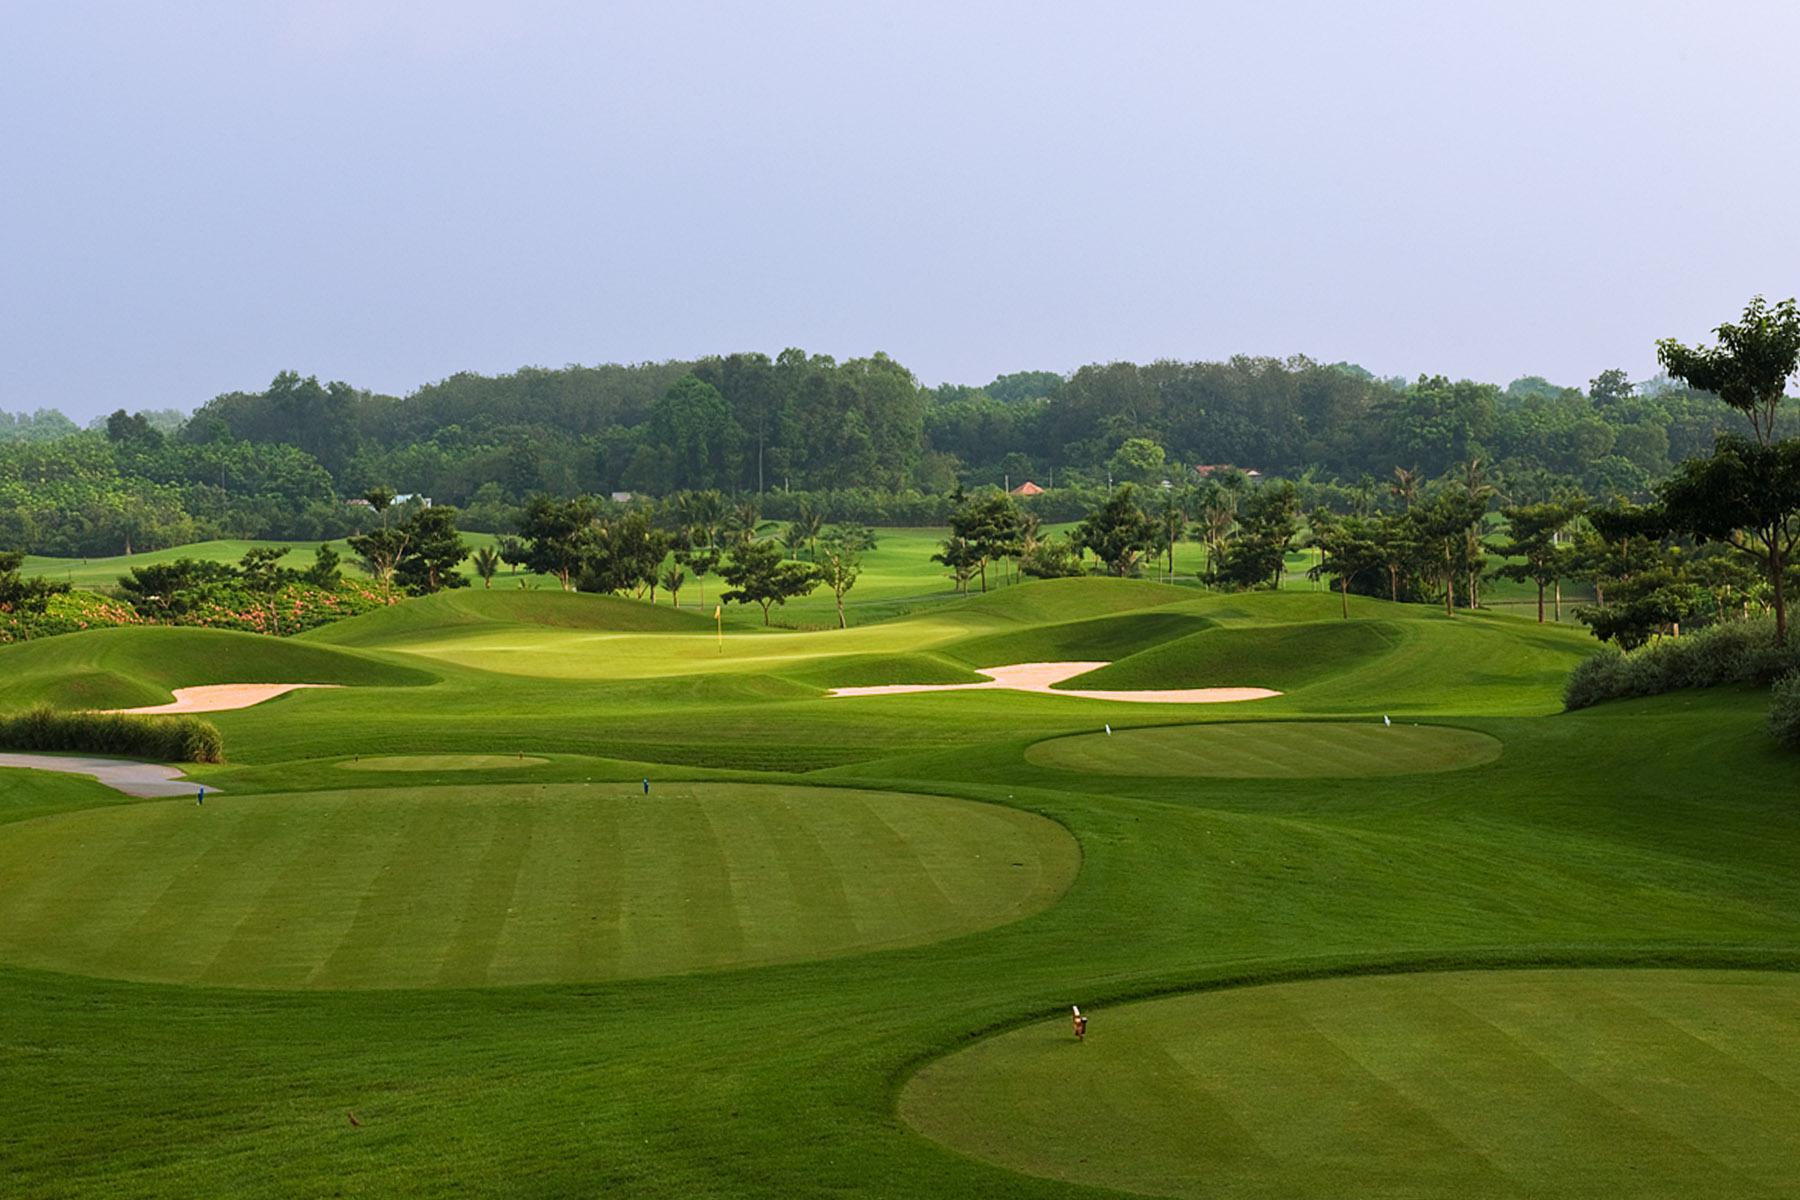 Sân golf Đầm Vạc, Heron Lake Golf Course & Resort - 18 hố - Ngày thường